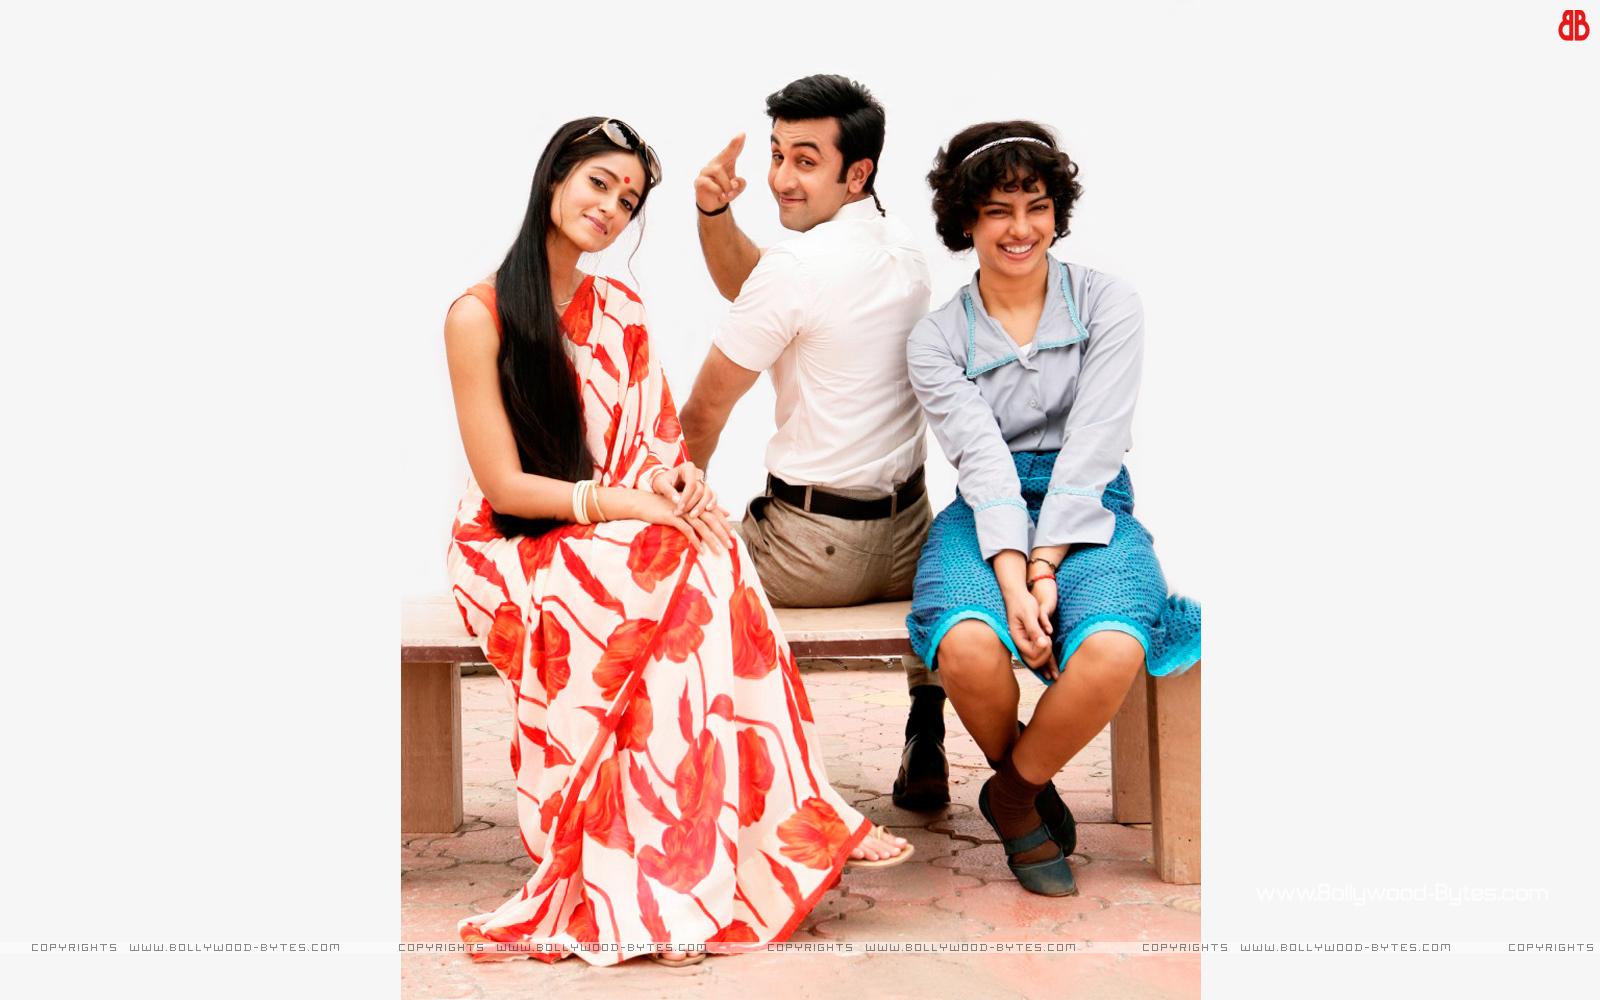 http://4.bp.blogspot.com/-wgzSU3gJC3c/UFZH7fn_gmI/AAAAAAAAPIY/OAWlkbQuEnA/s1600/Barfi!-+Starring-Hot-Ranbir-Kapoor-Ileana-D\'Cruz-Priyanka-Chopra-HD-Wallpaper-09.jpg